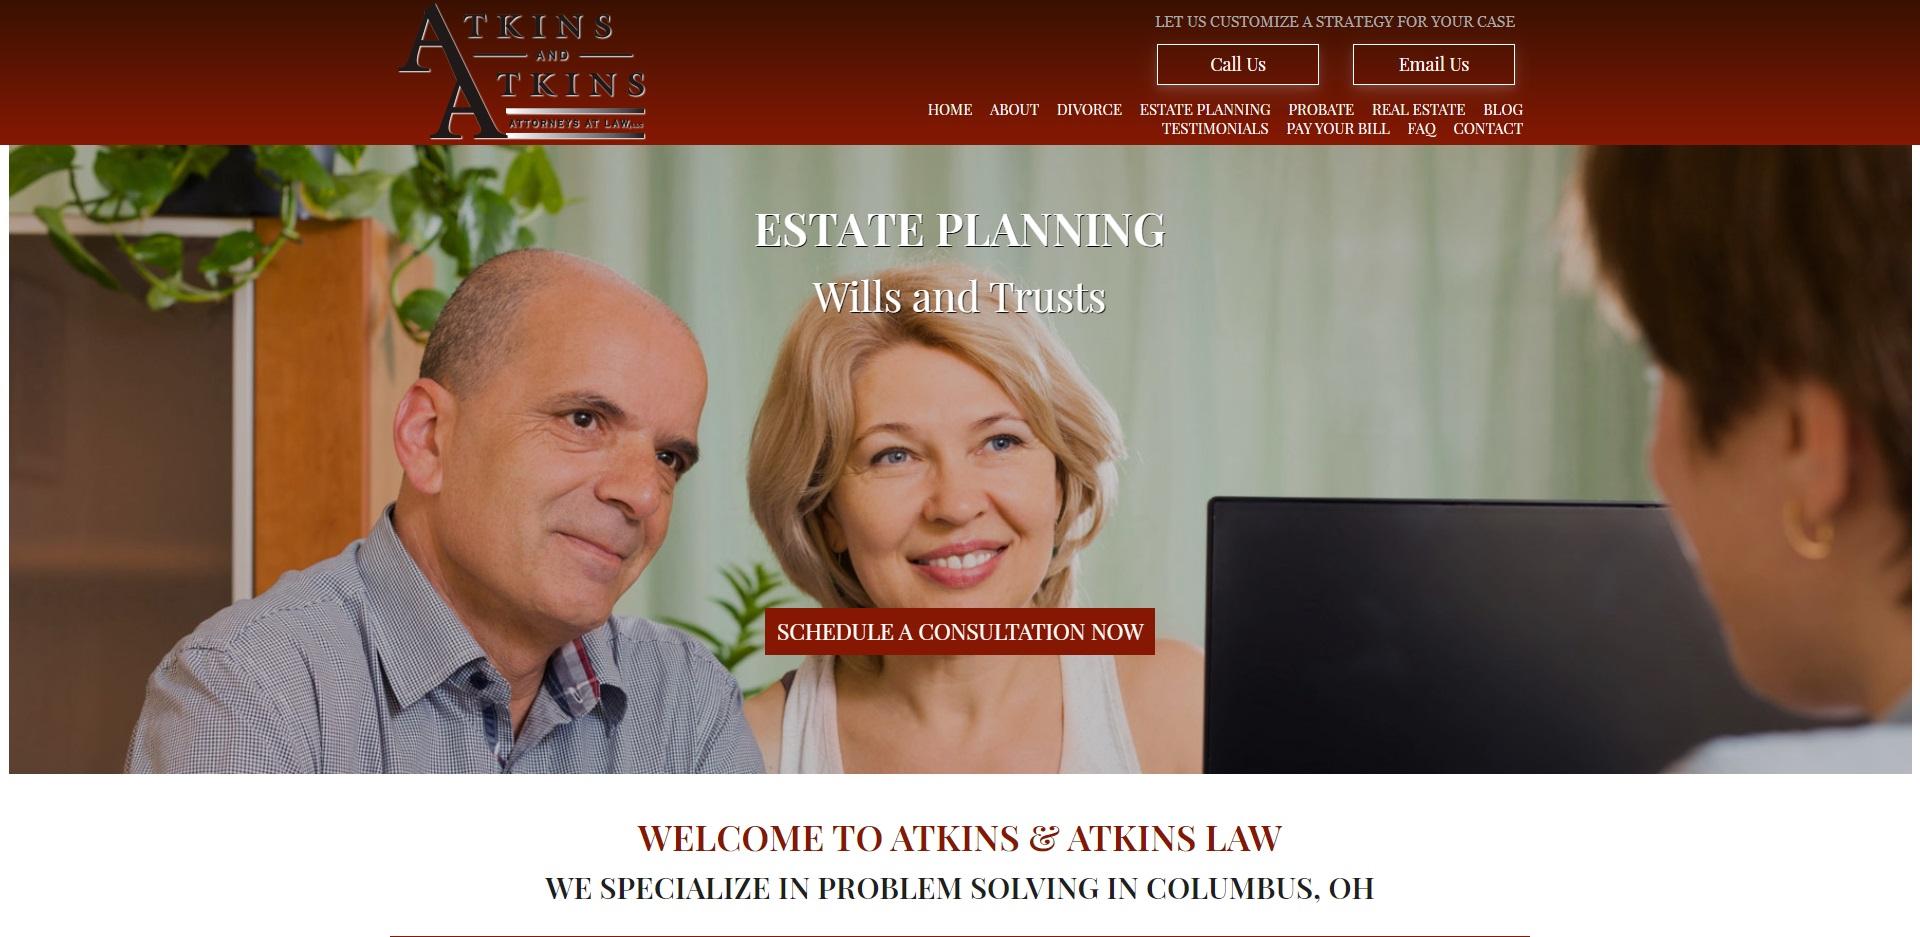 Best Estate Attorneys in Columbus